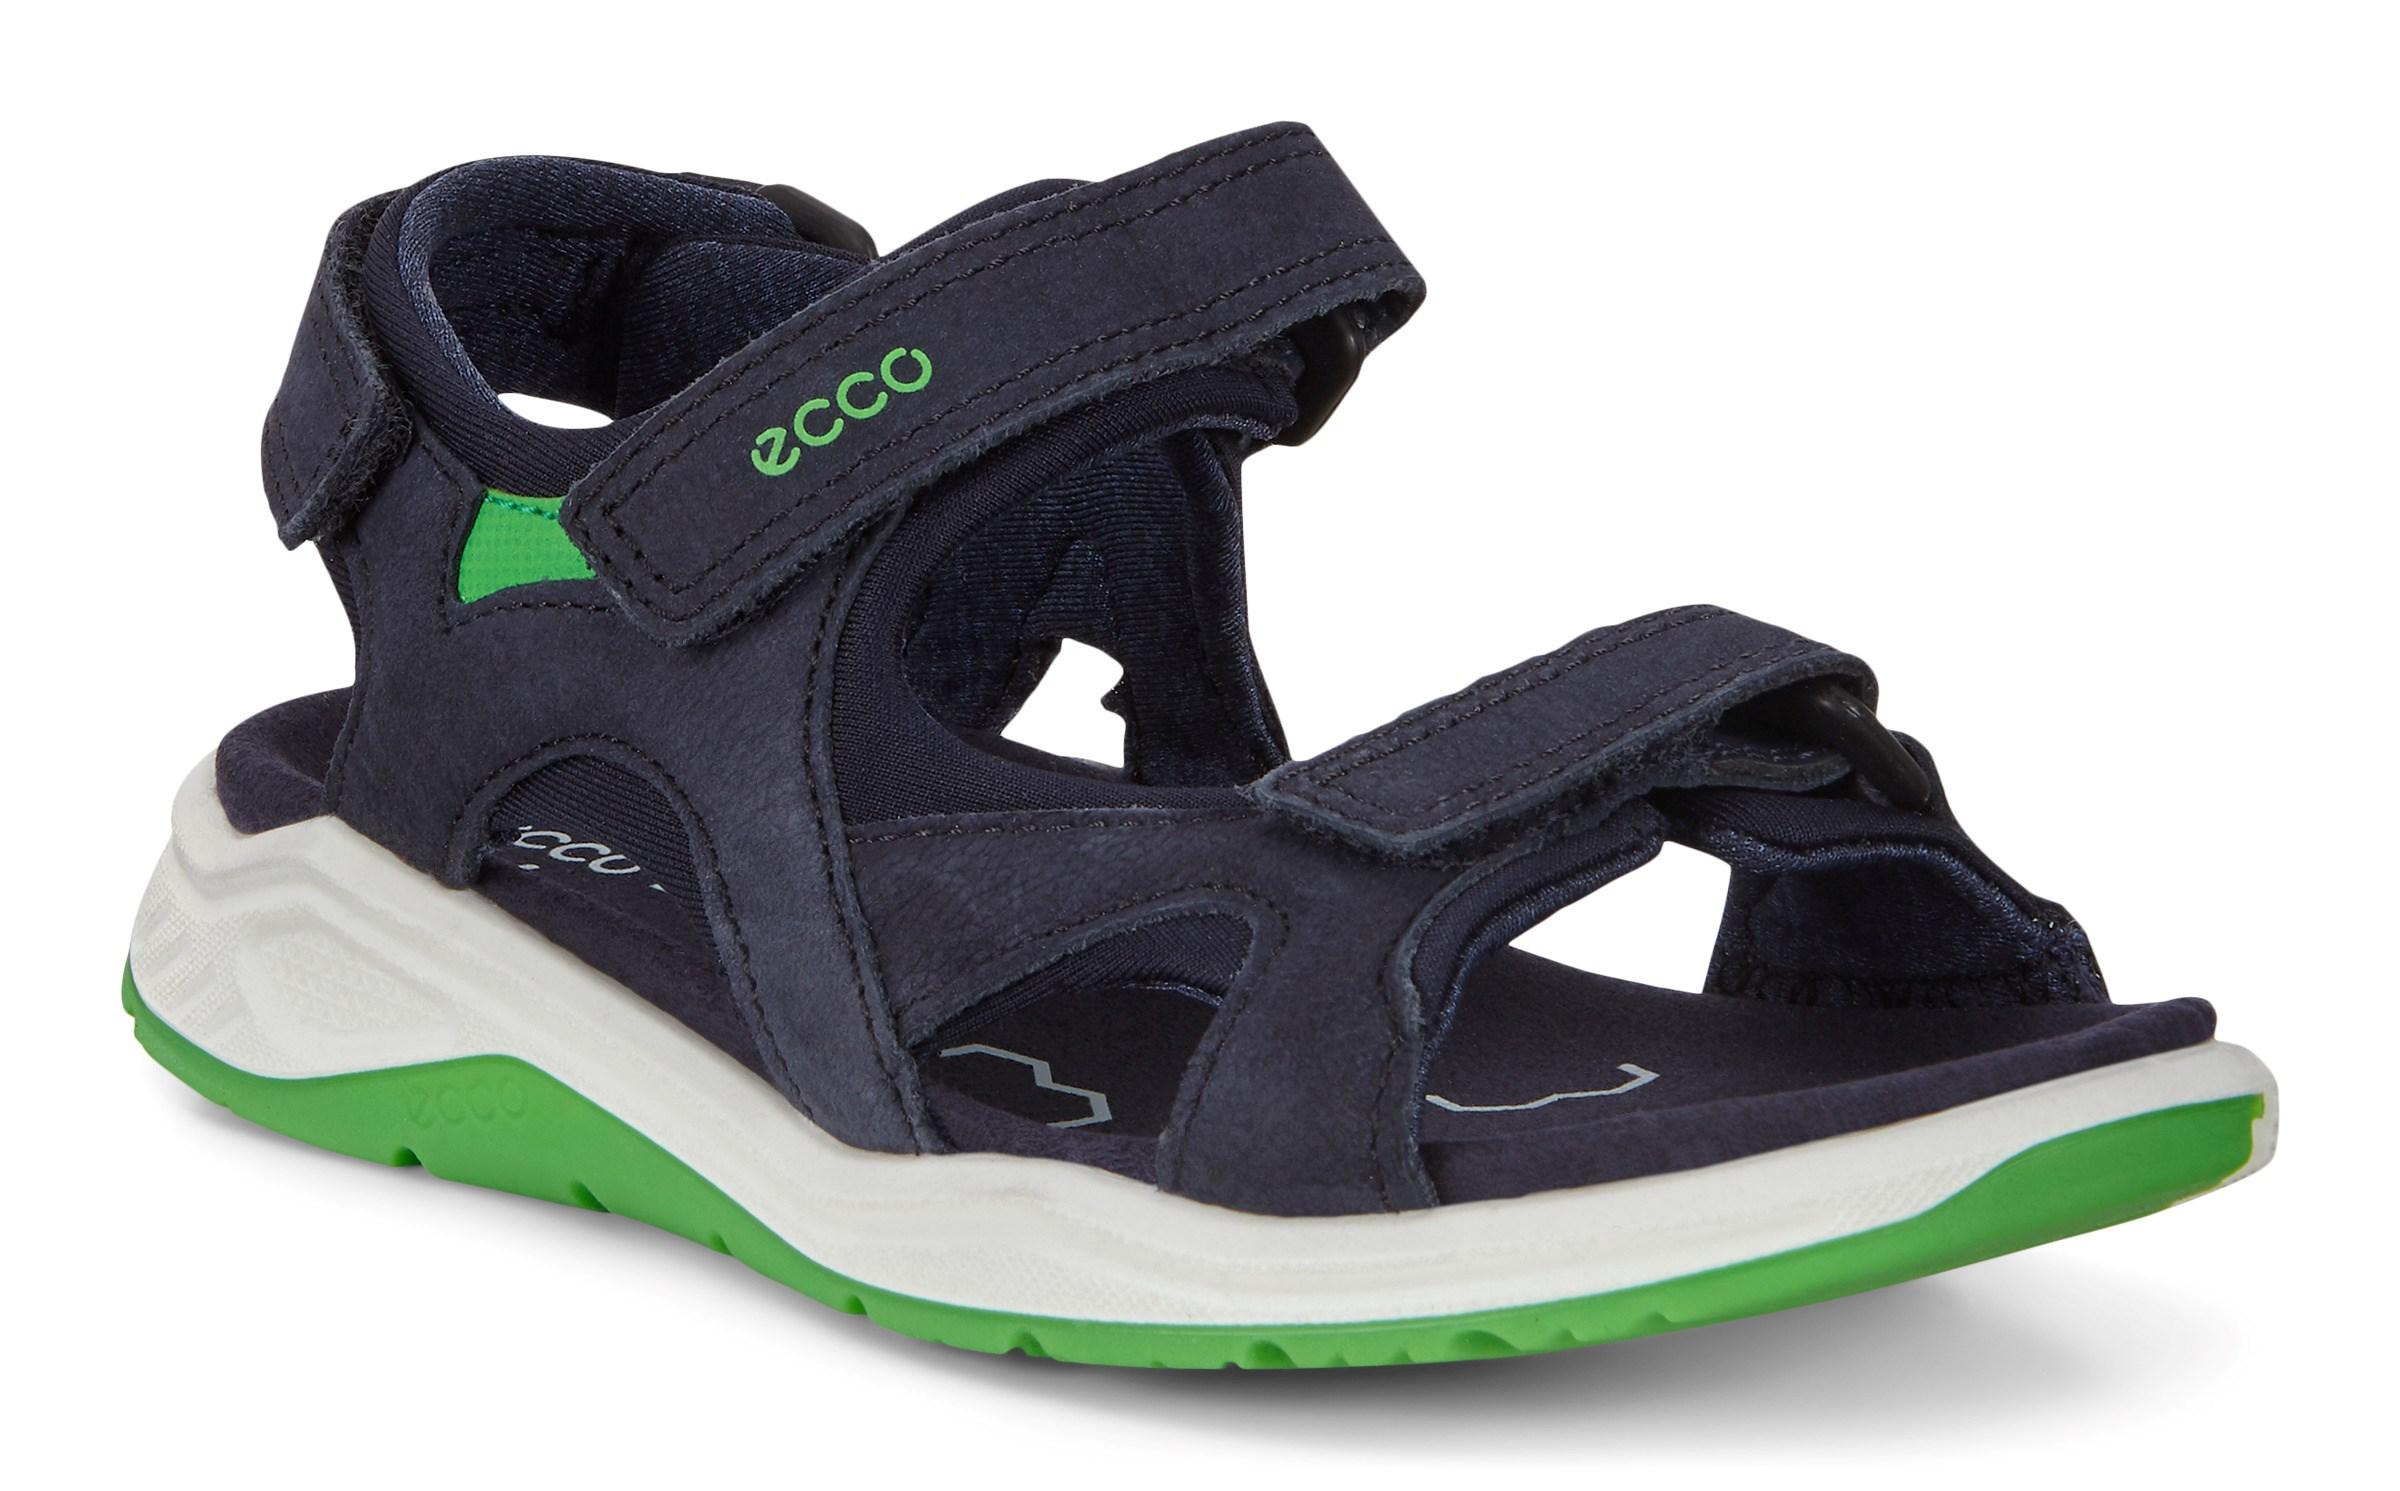 Schuhe für Jungen | Im offiziellen ECCO® Shop